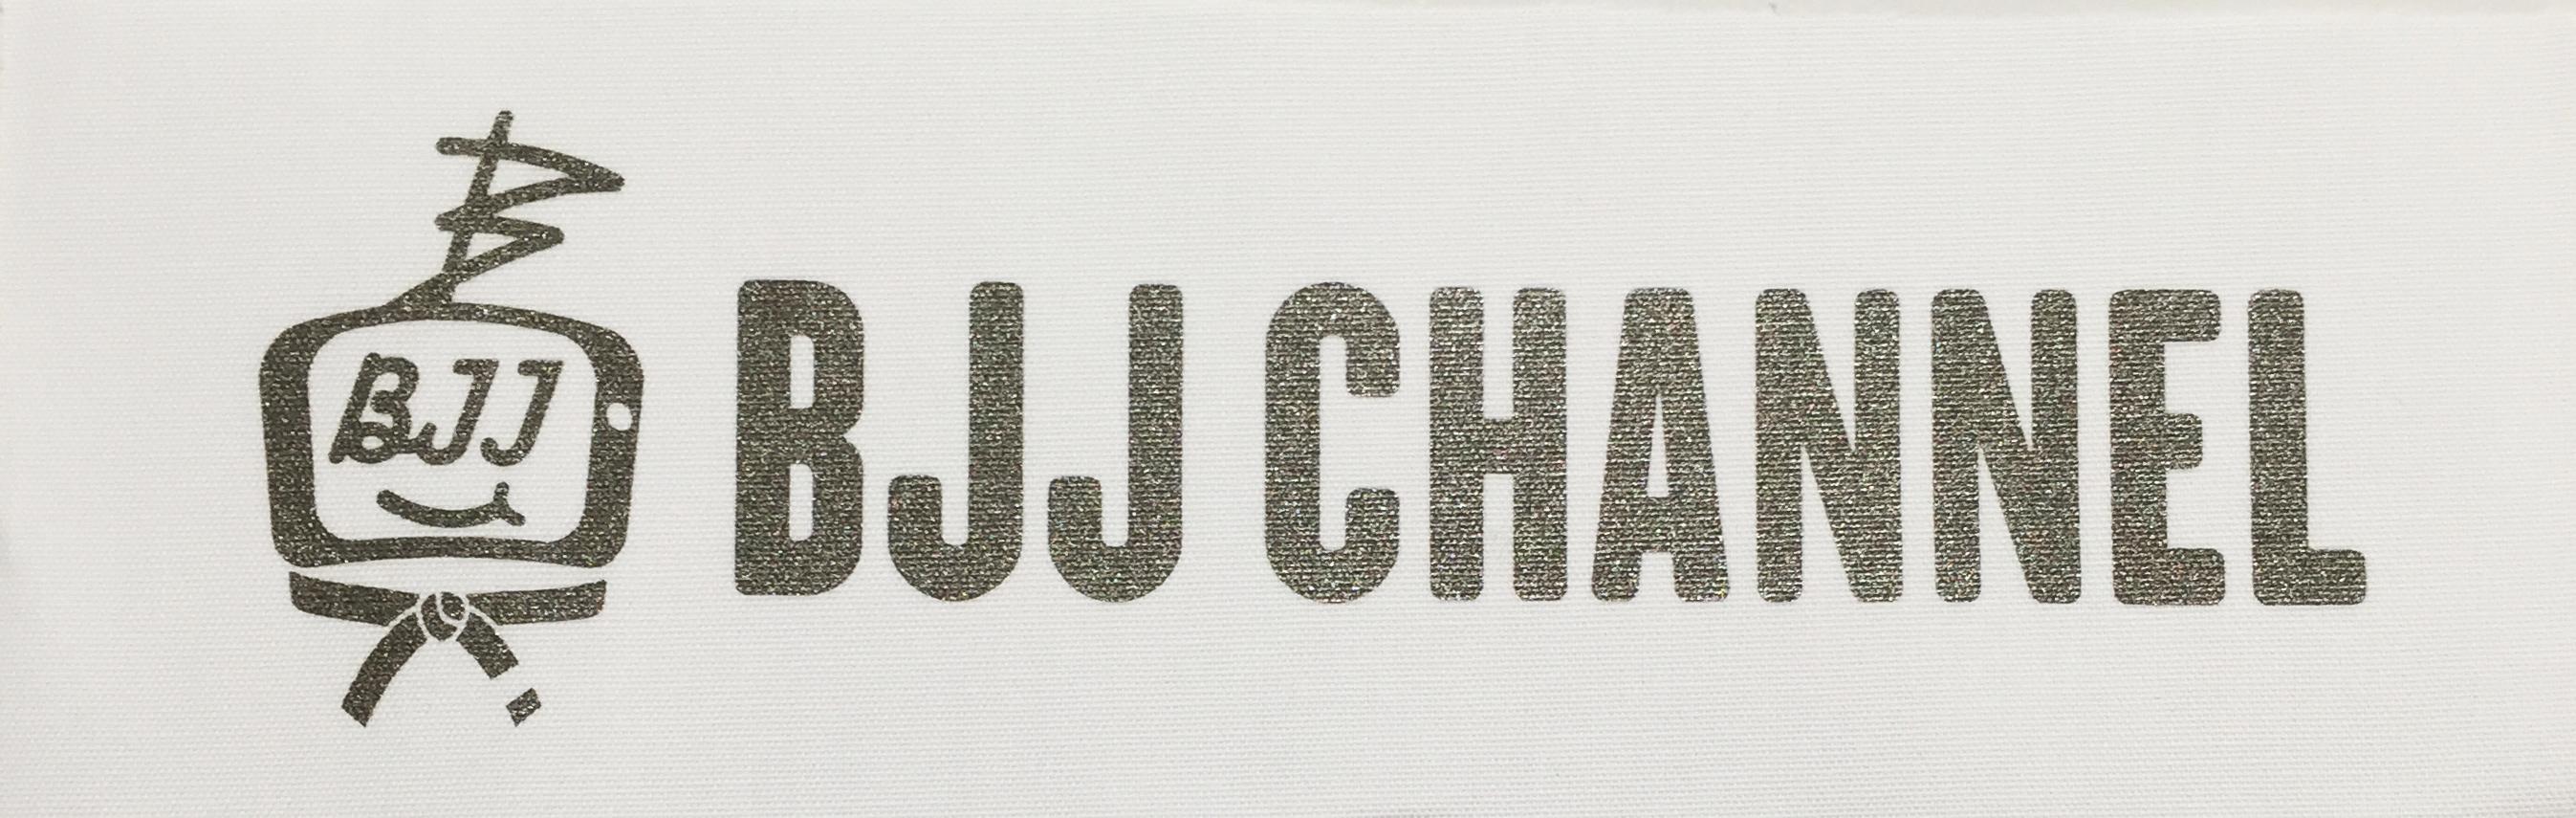 送料無料!!! BJJ チャンネルパッチ 横長 カラー白地にガンメタ